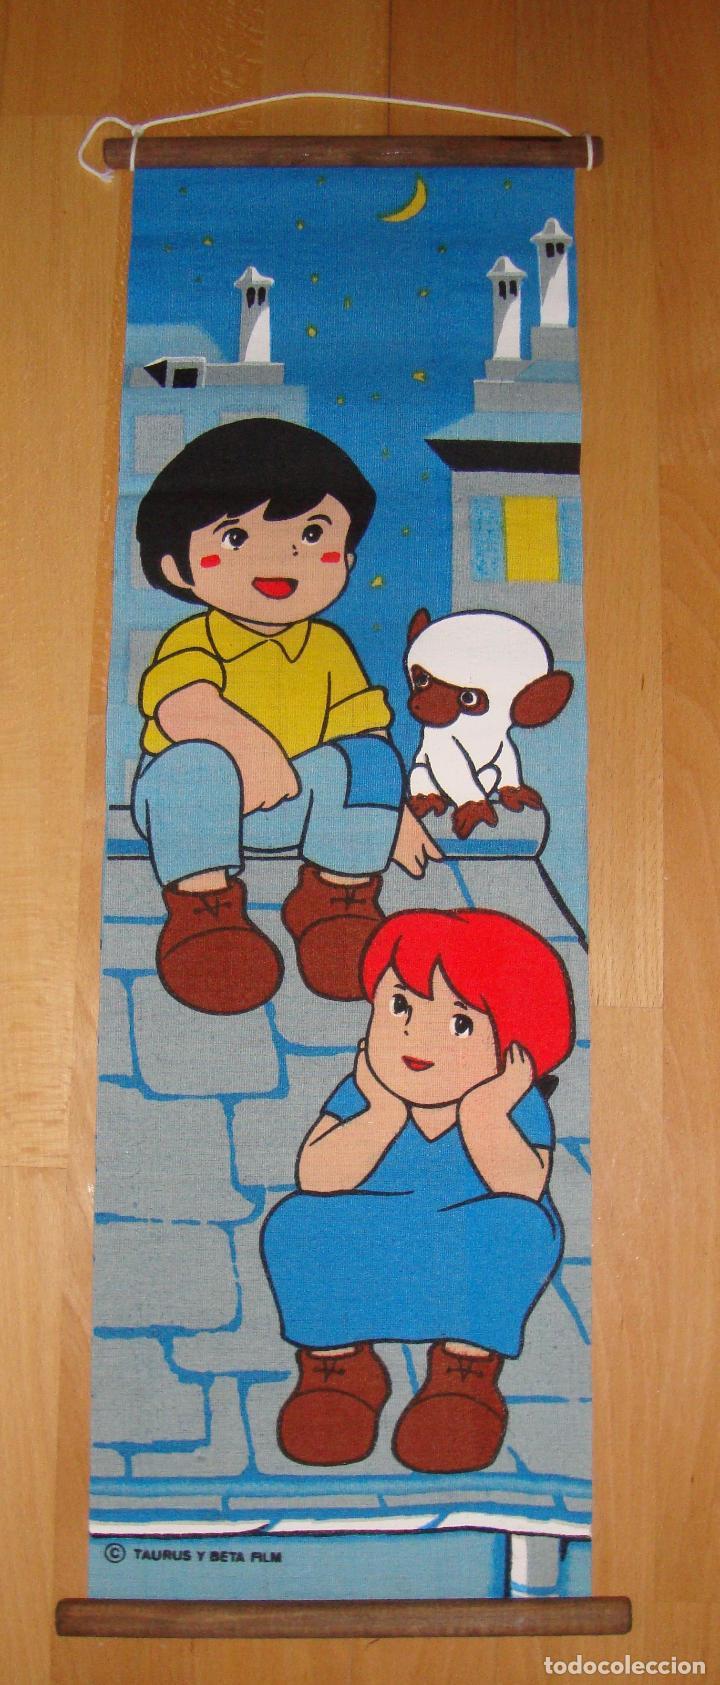 tc-48) cartel entelado tela marco de los apeni - Comprar en ...